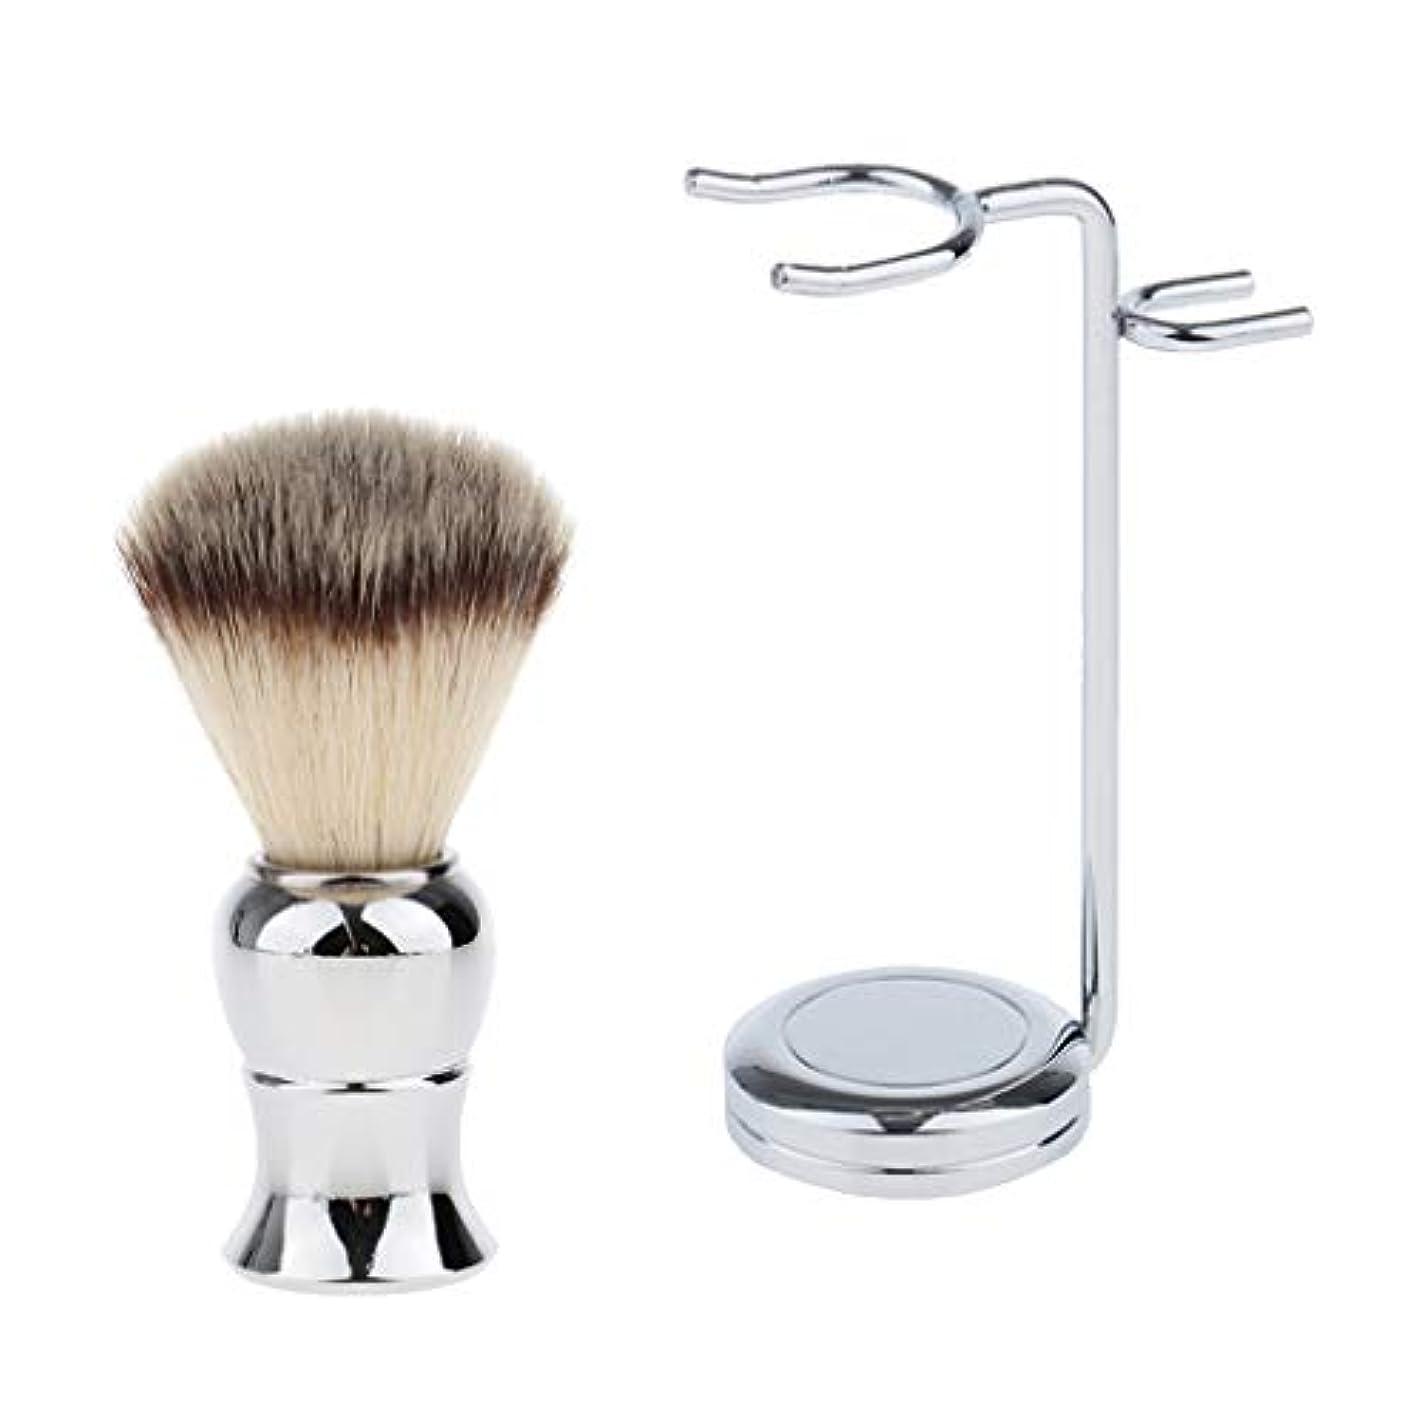 ホイップ昨日放置dailymall カミソリシェービングブラシスタンド ホルダー ラック シェービングブラシ 理容 洗顔 髭剃りメンズ